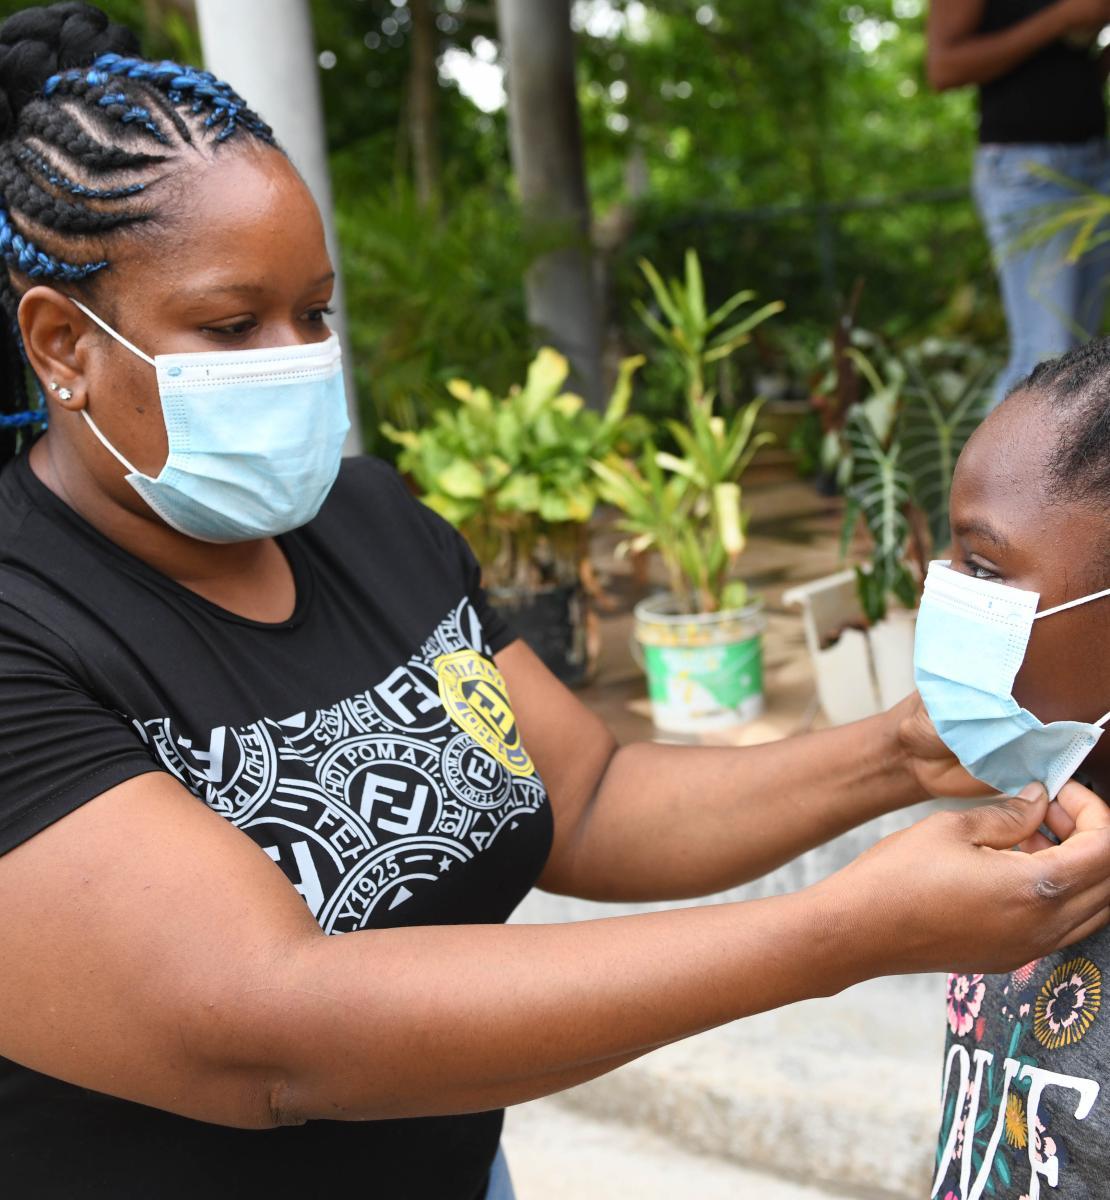 Dans une cour extérieure bordée d'arbustes, une femme ajuste le masque de protection de sa fille, une élève de l'école primaire de Little Bay. Little Bay est une commune principalement composée de pêcheurs située à Westmoreland, à l'extrémité ouest de l'île de la Jamaïque.